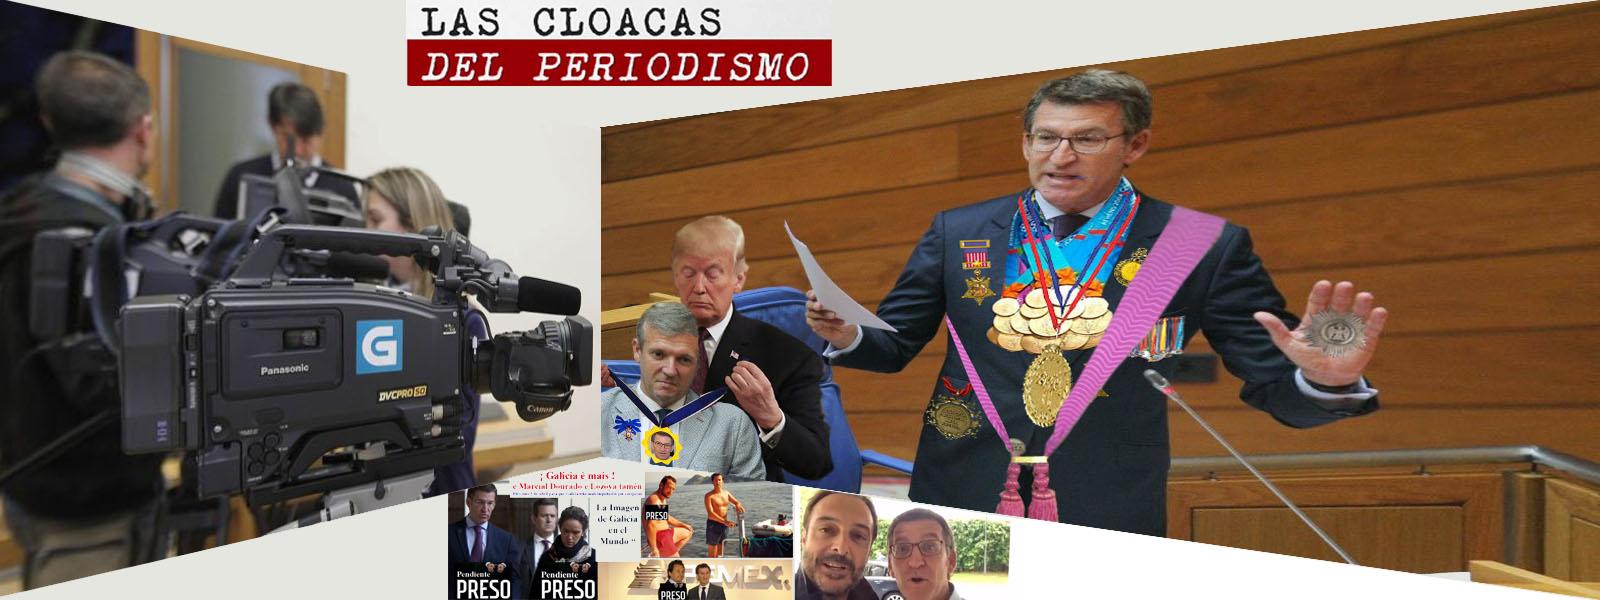 El comisario de Mar Sánchez Sierra en la CRTVG se gasta 70.000 ...